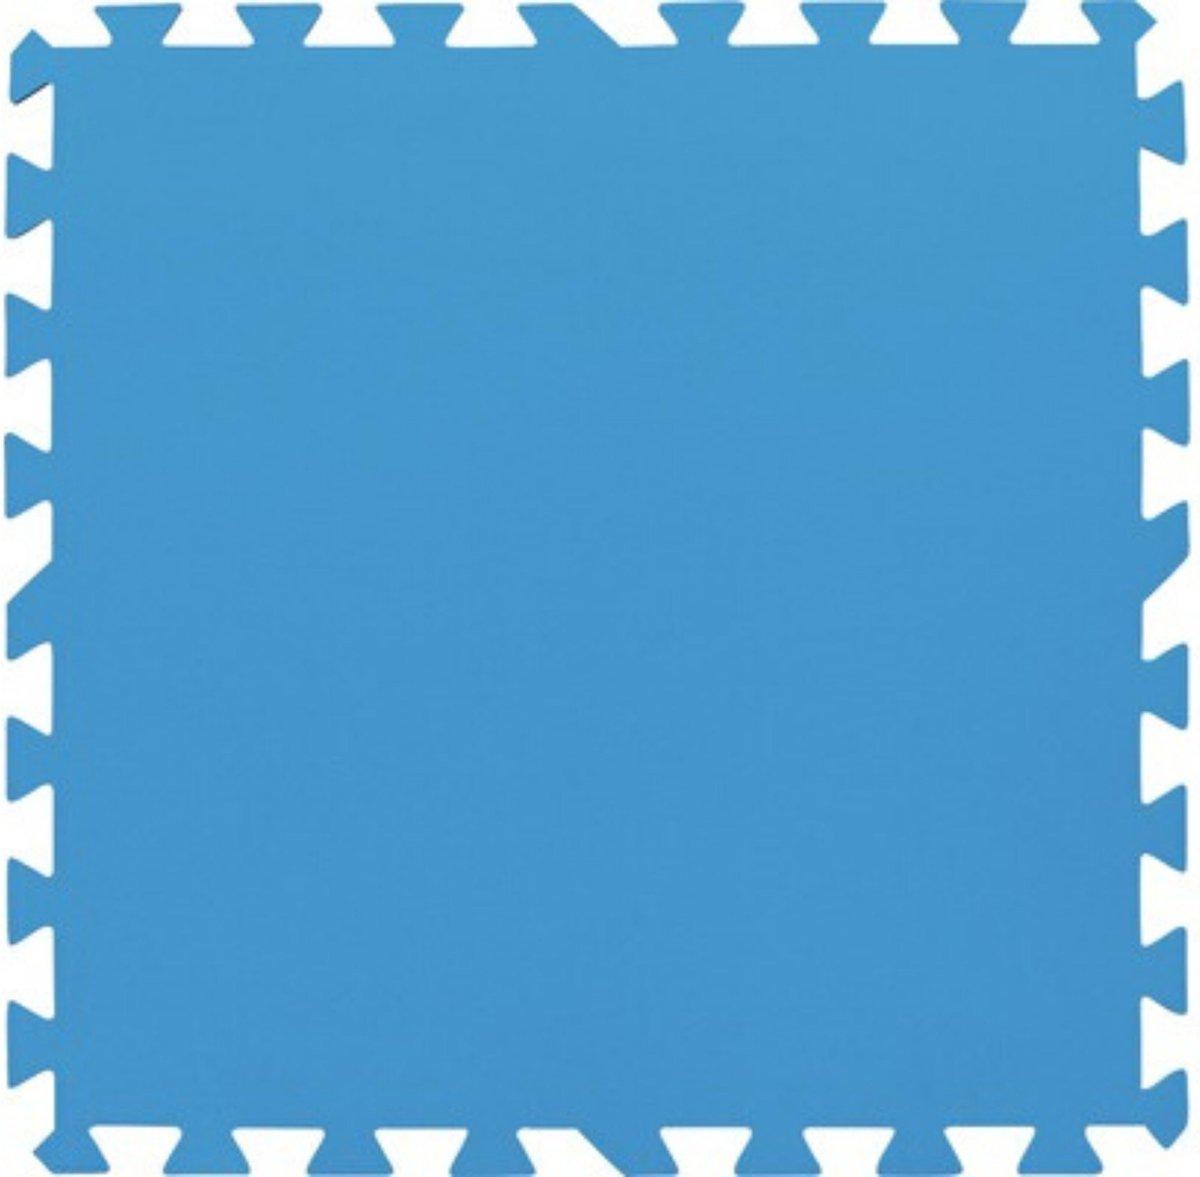 Zwembadtegels Blauw 50x50 CM 8 Stuks - Grondzeil Zwembad - Ondertegels Zwembad - 2m²